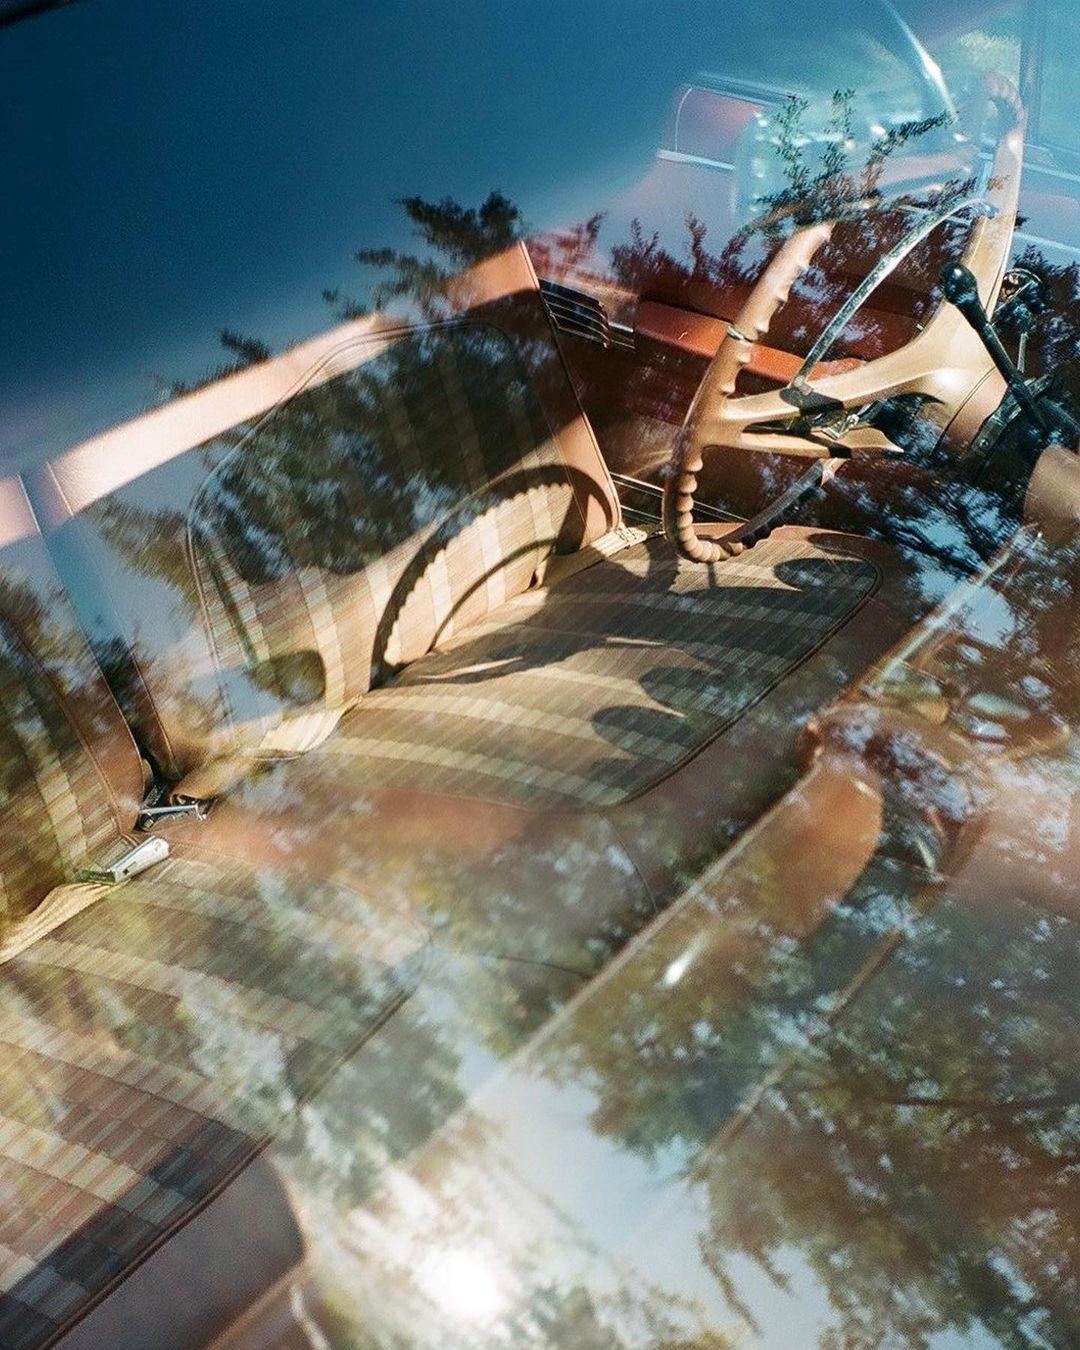 Devin Booker Impala interior through glass